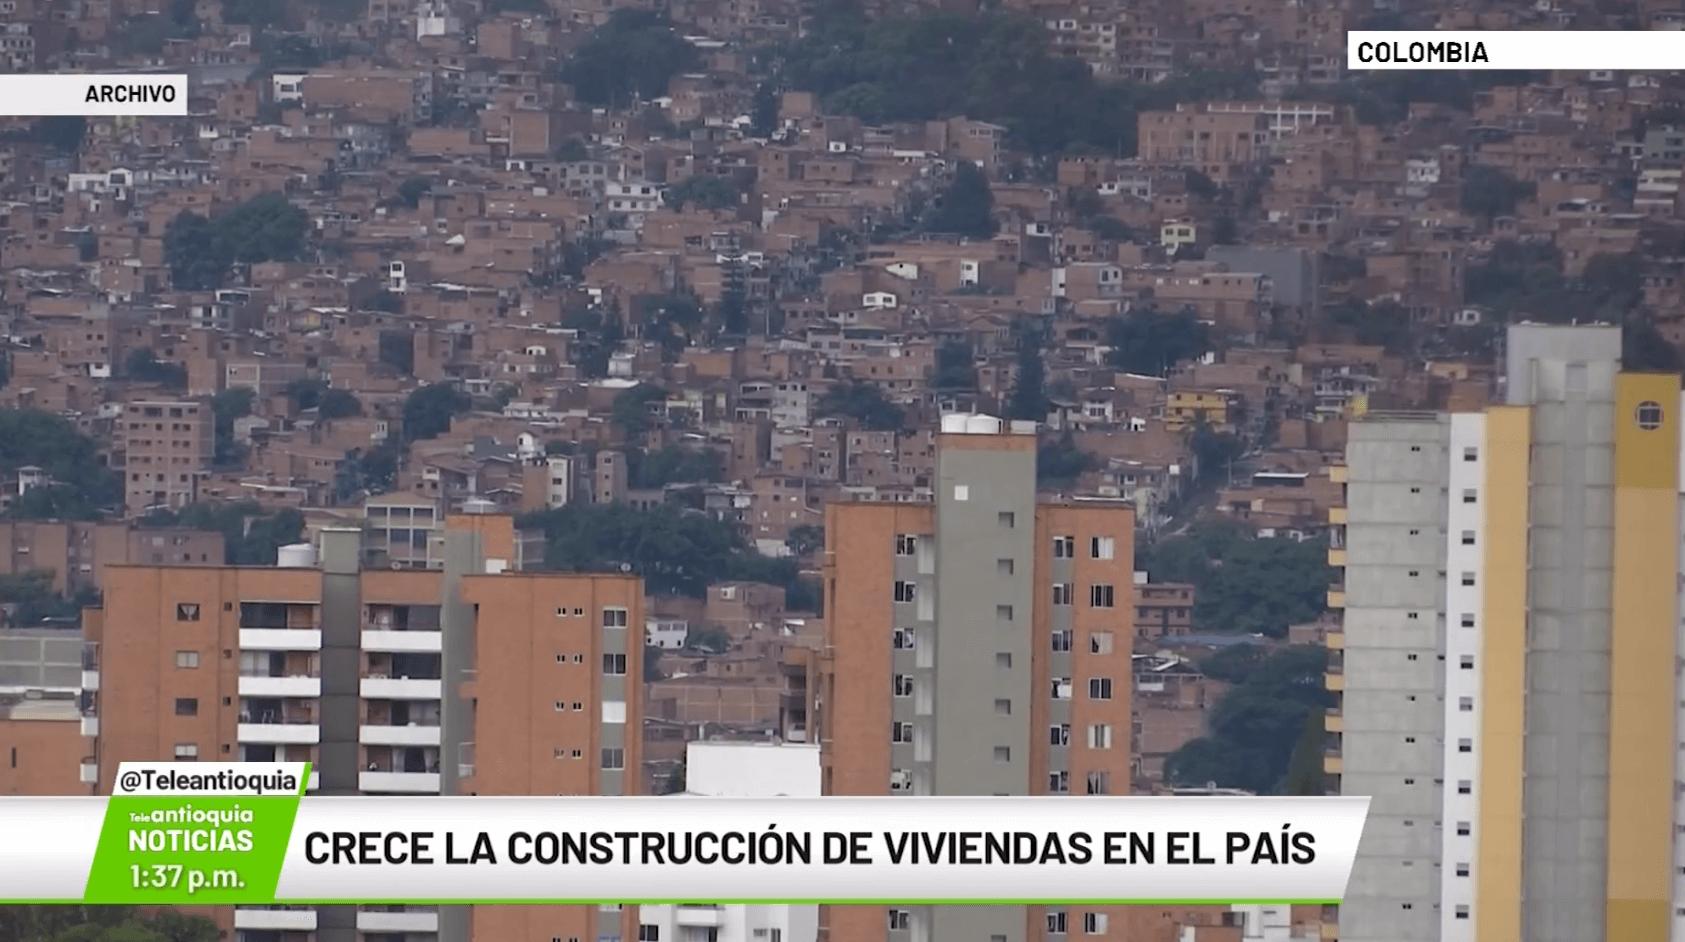 Crece la construcción de viviendas en el país